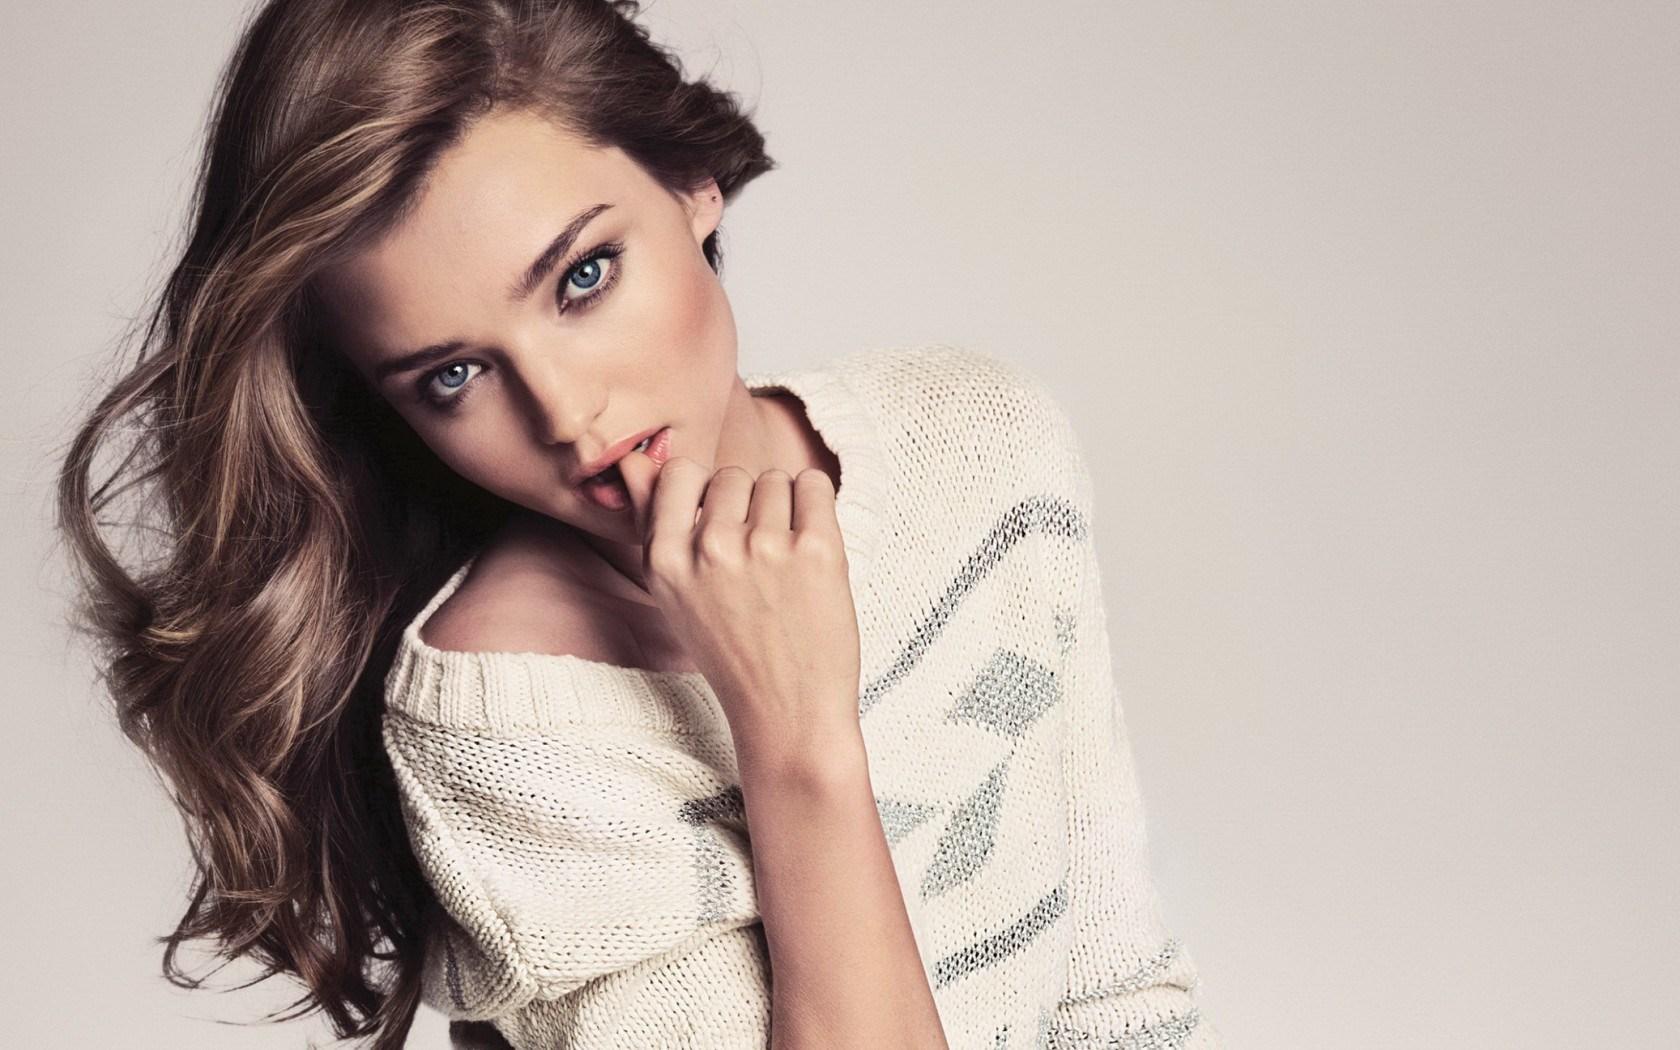 Model Girl Miranda Kerr